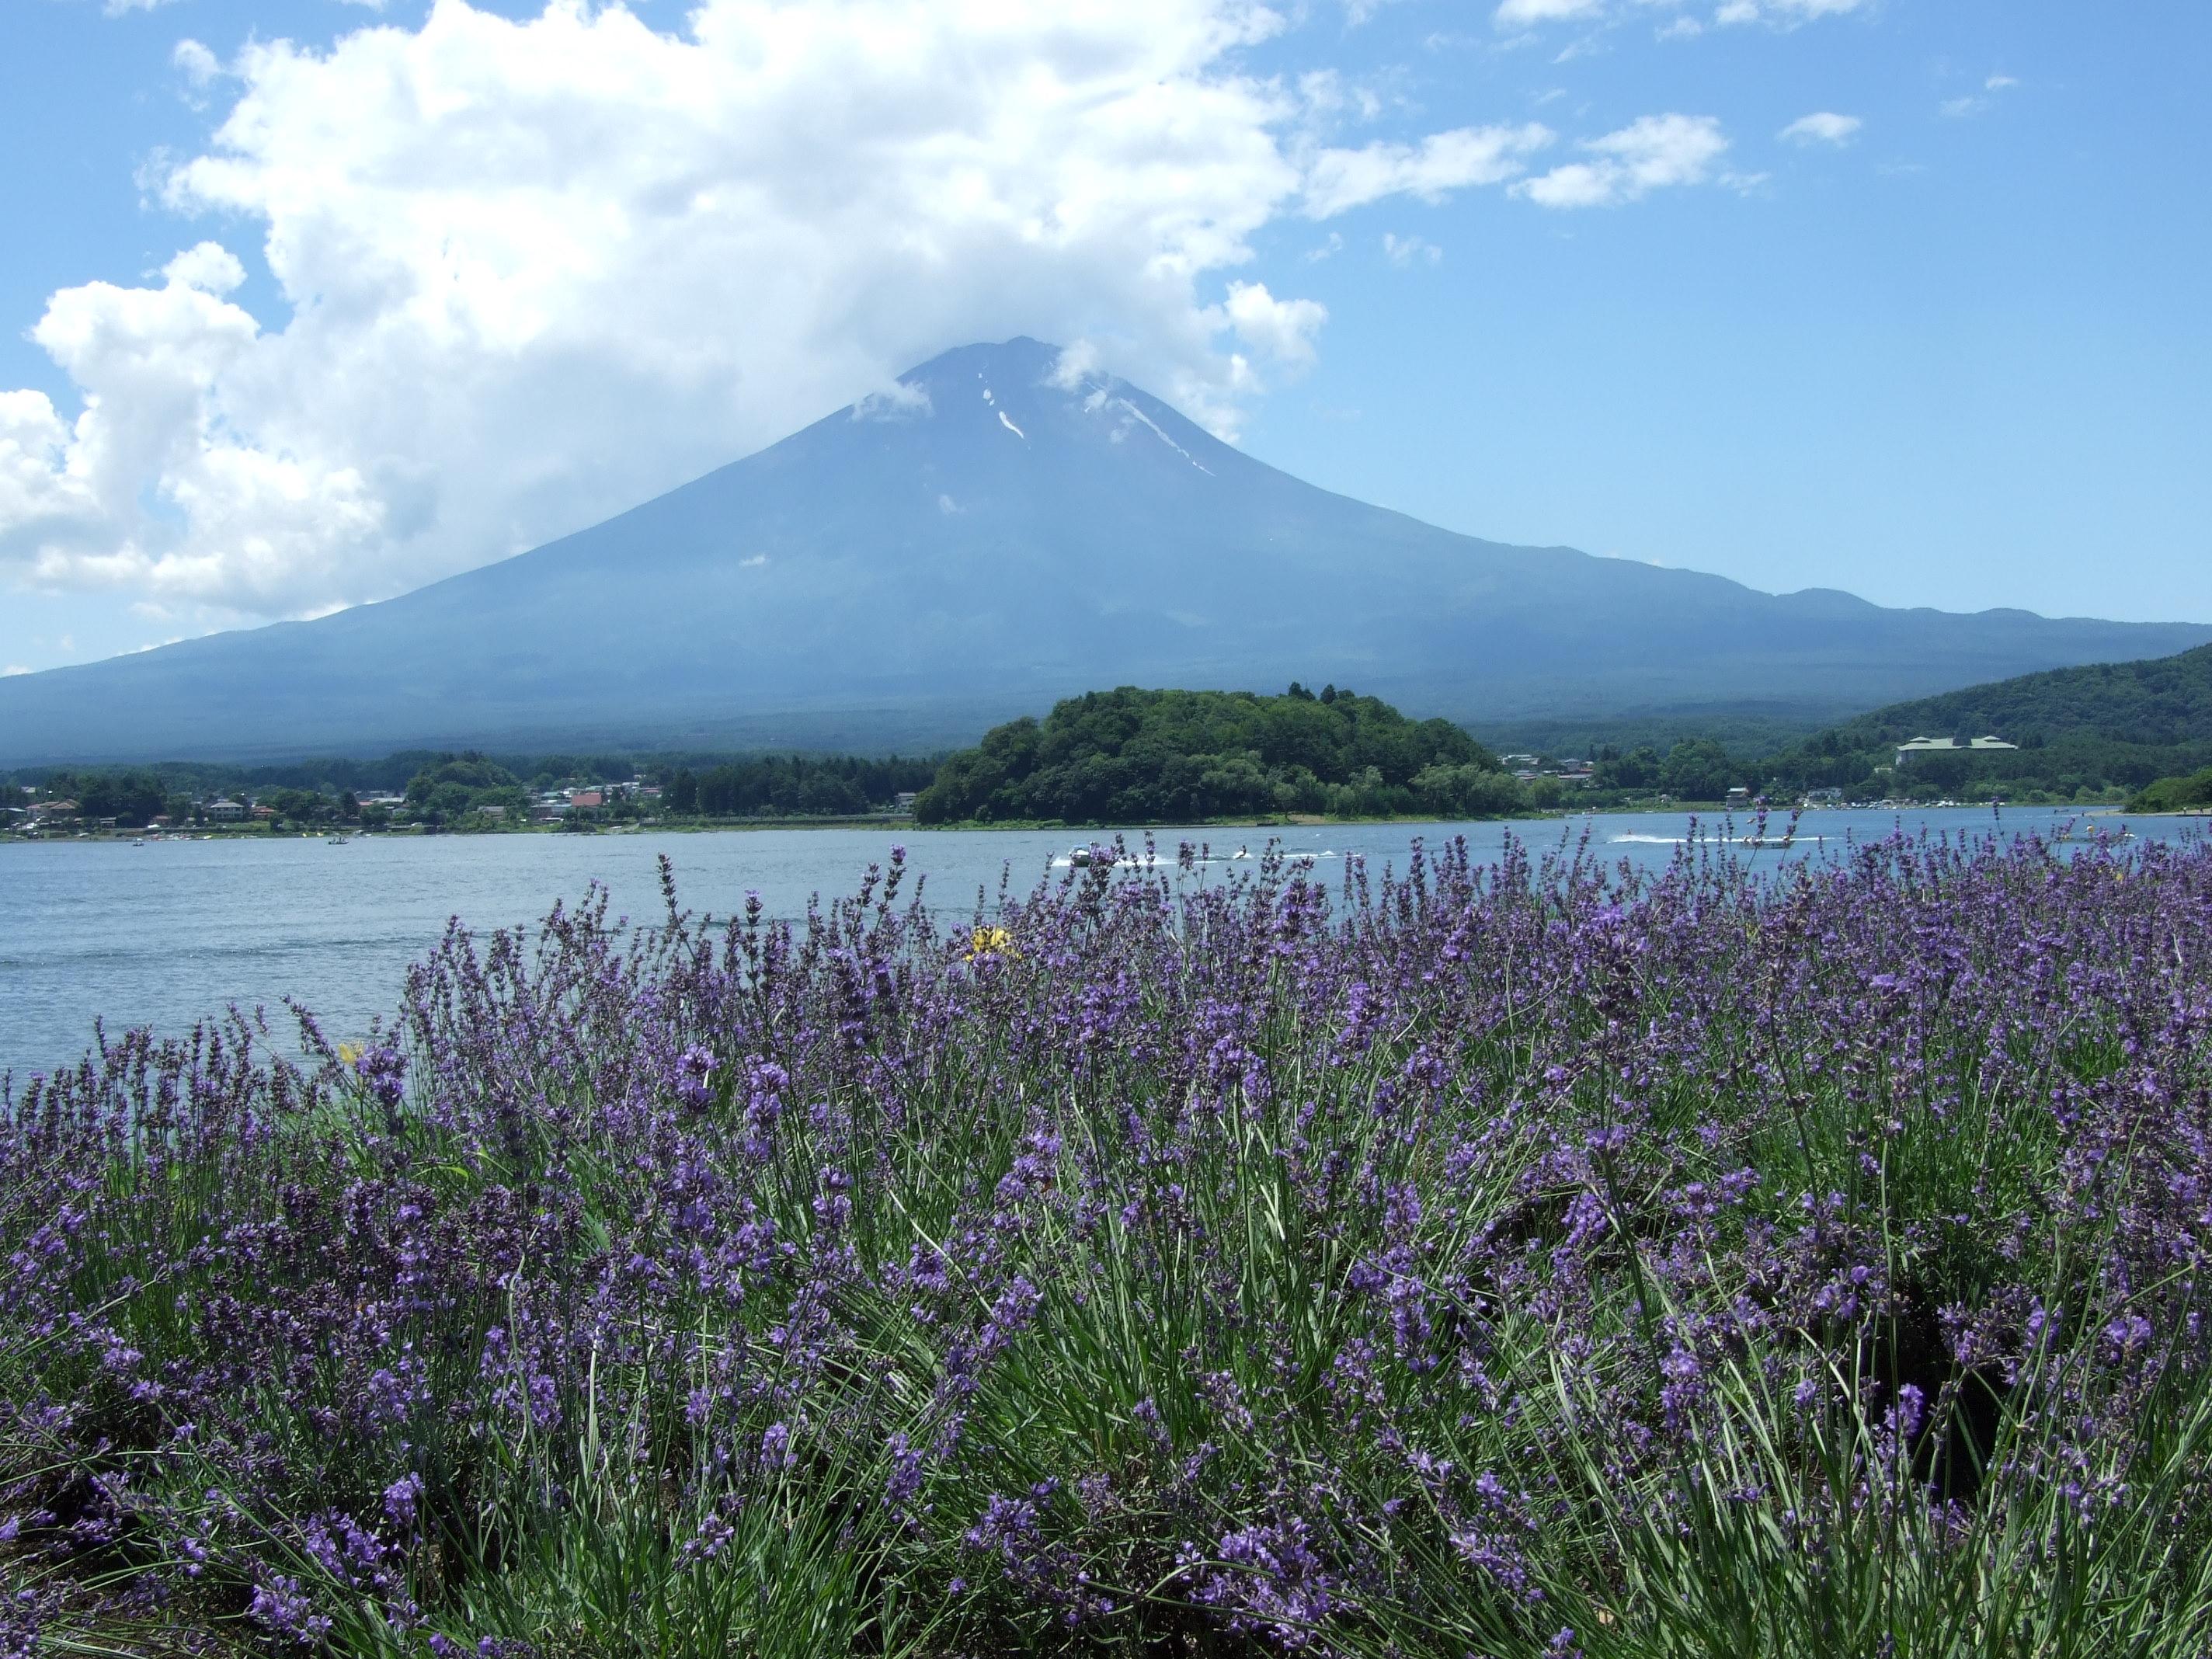 バス旅シリーズ 富士と湖とラベンダー